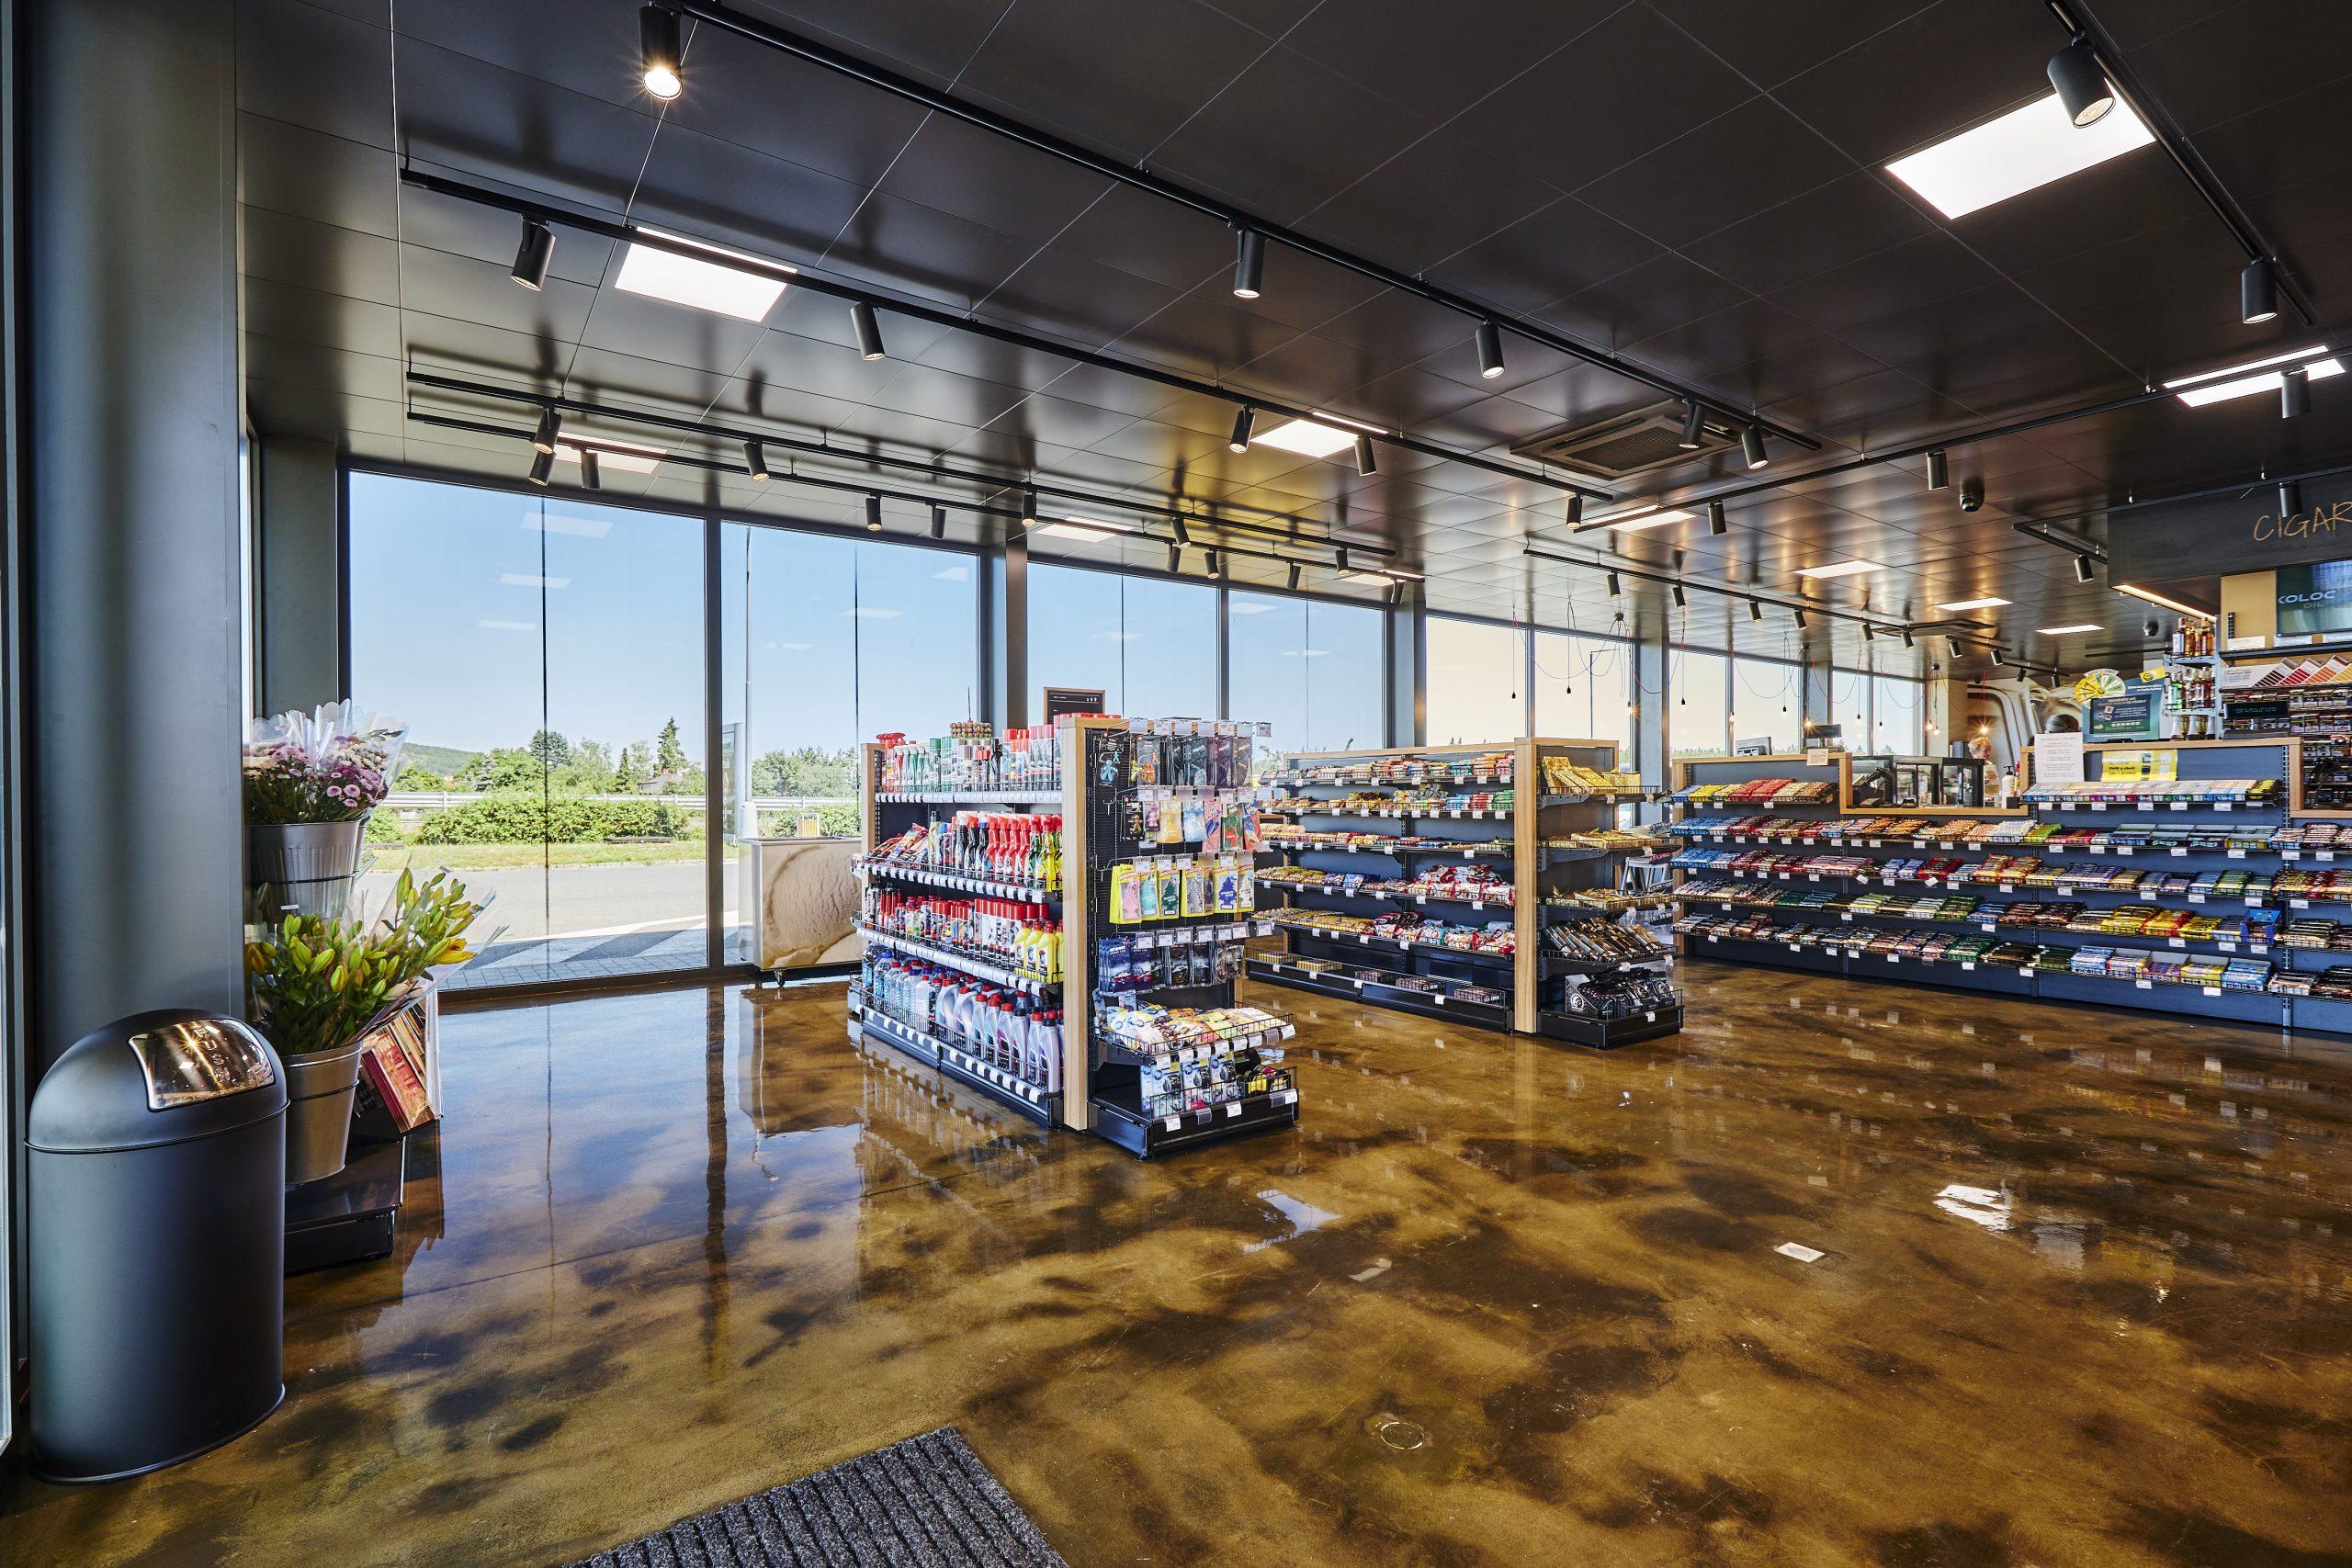 FESCHU Čerpací stanice KOLOC Oil Líšnice prodejna celek